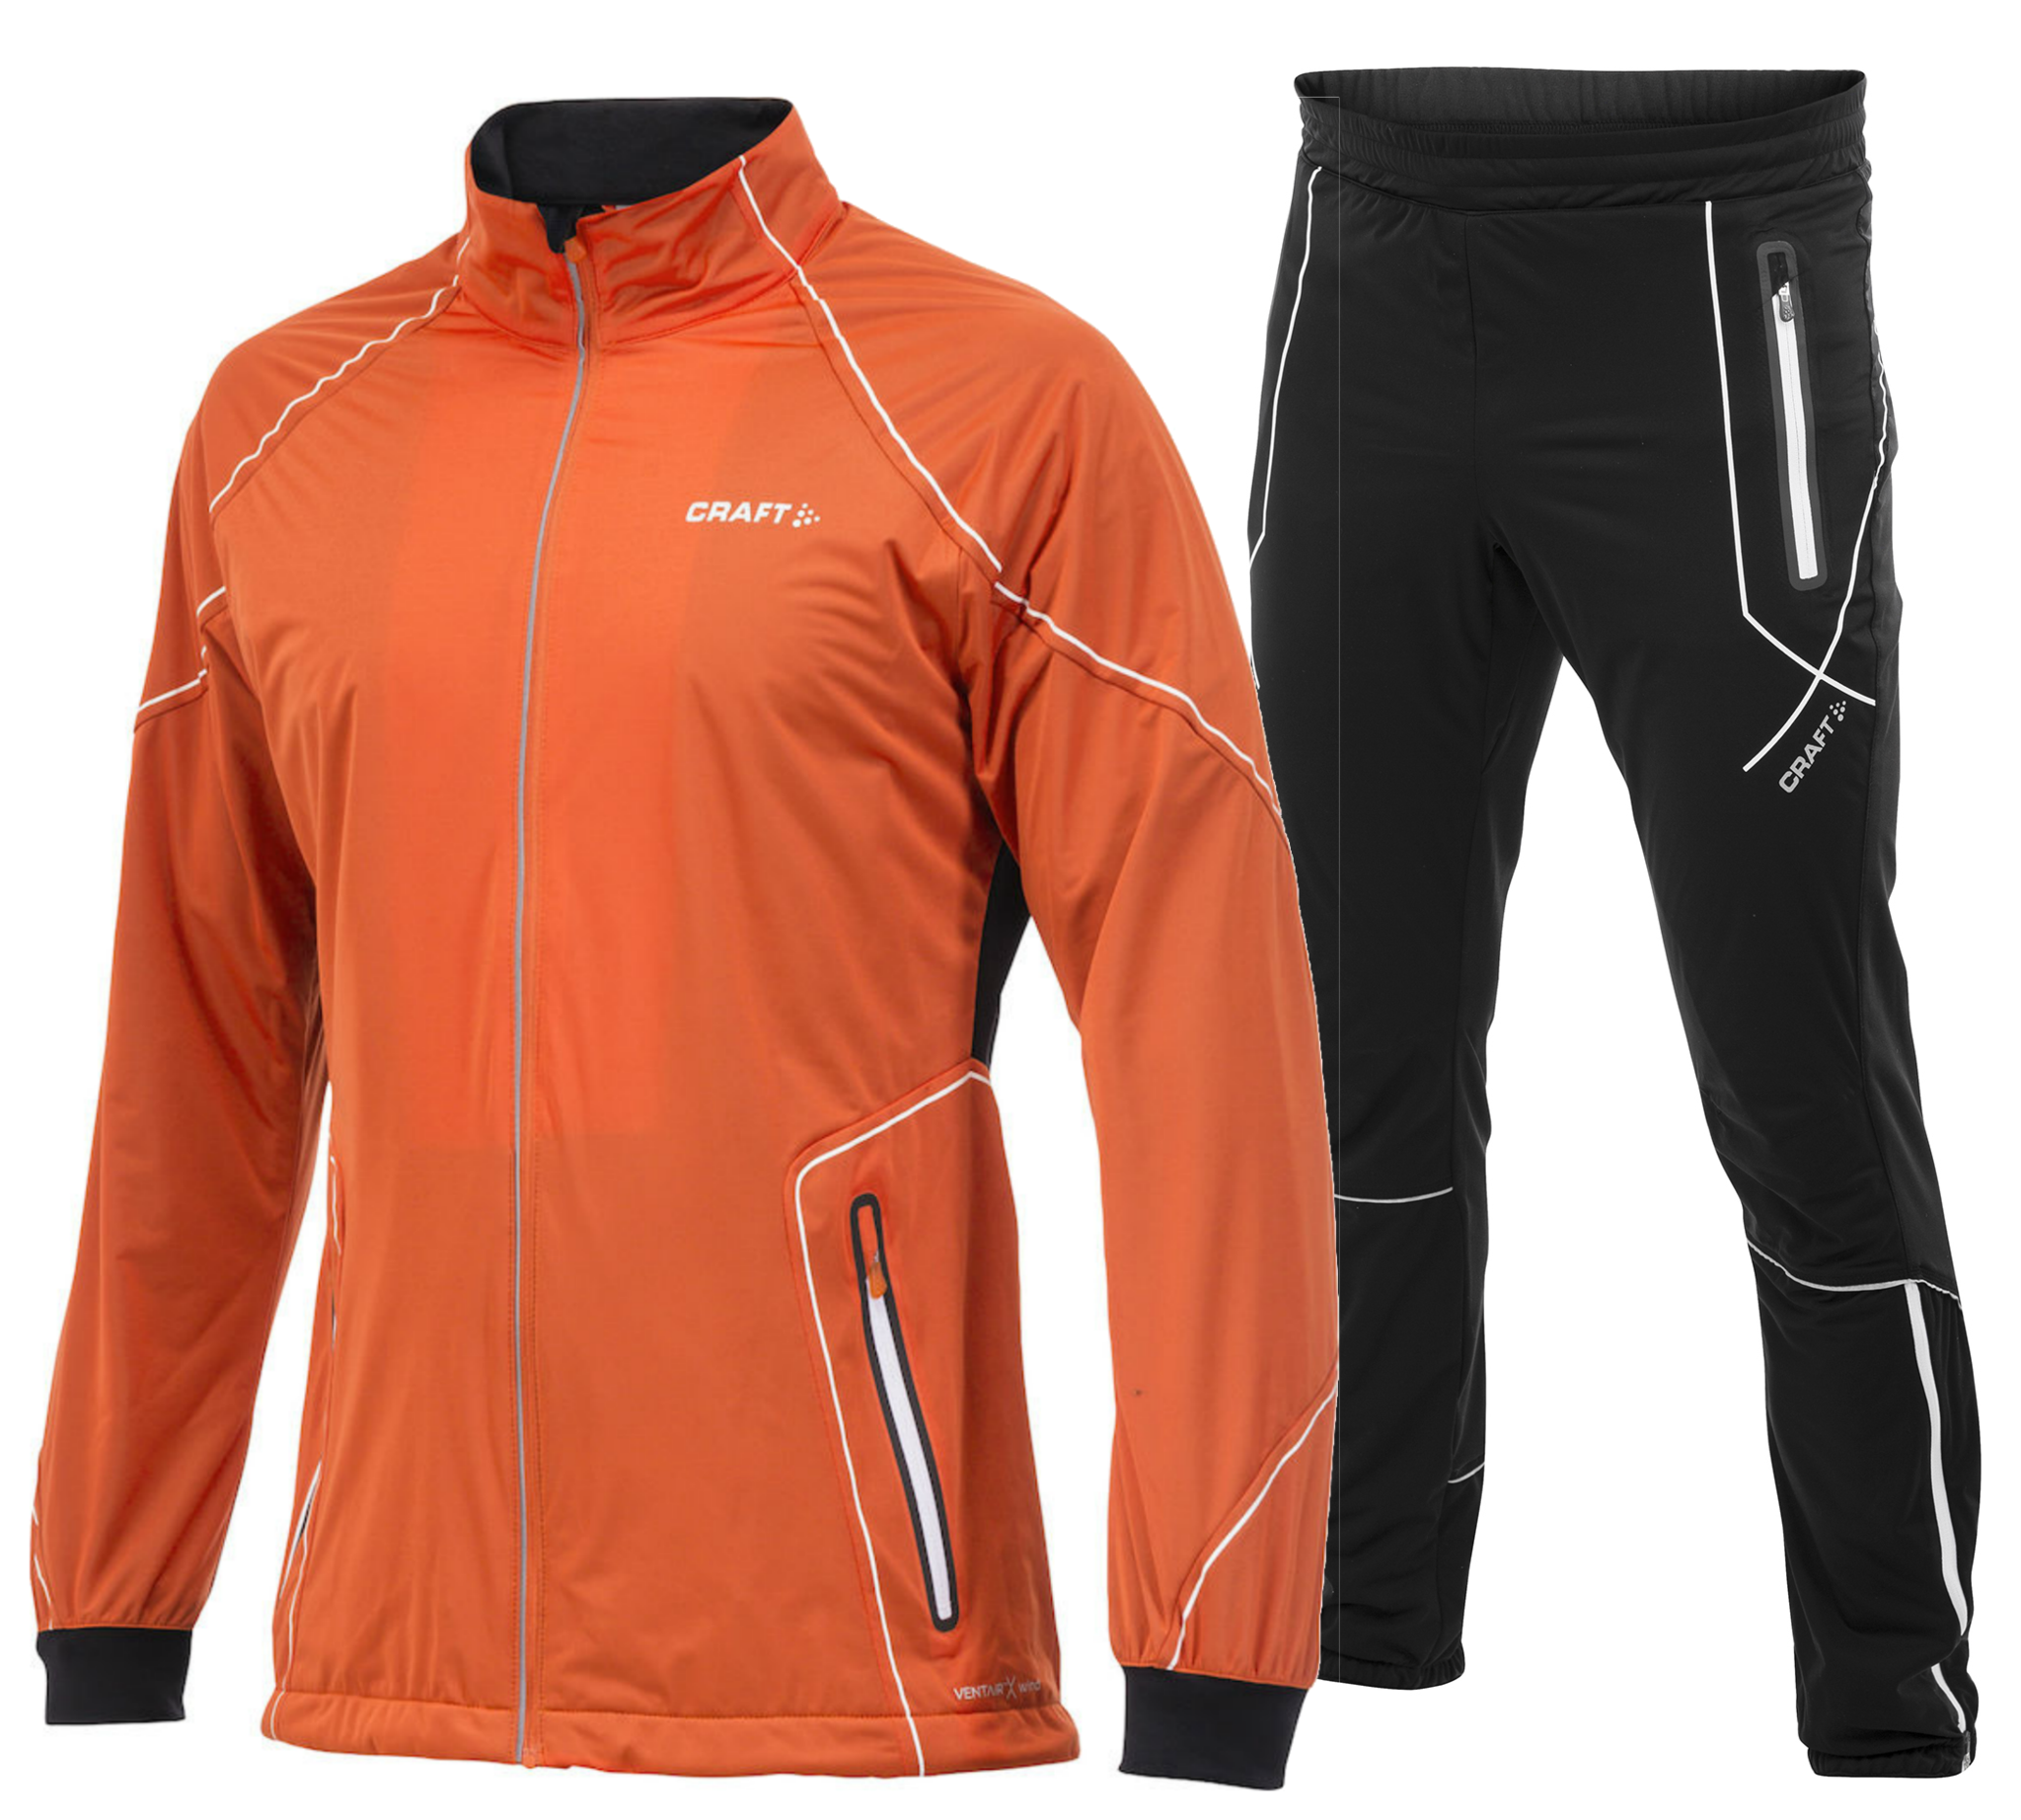 Элитный тренировочный костюм Craft High Function оранжевый